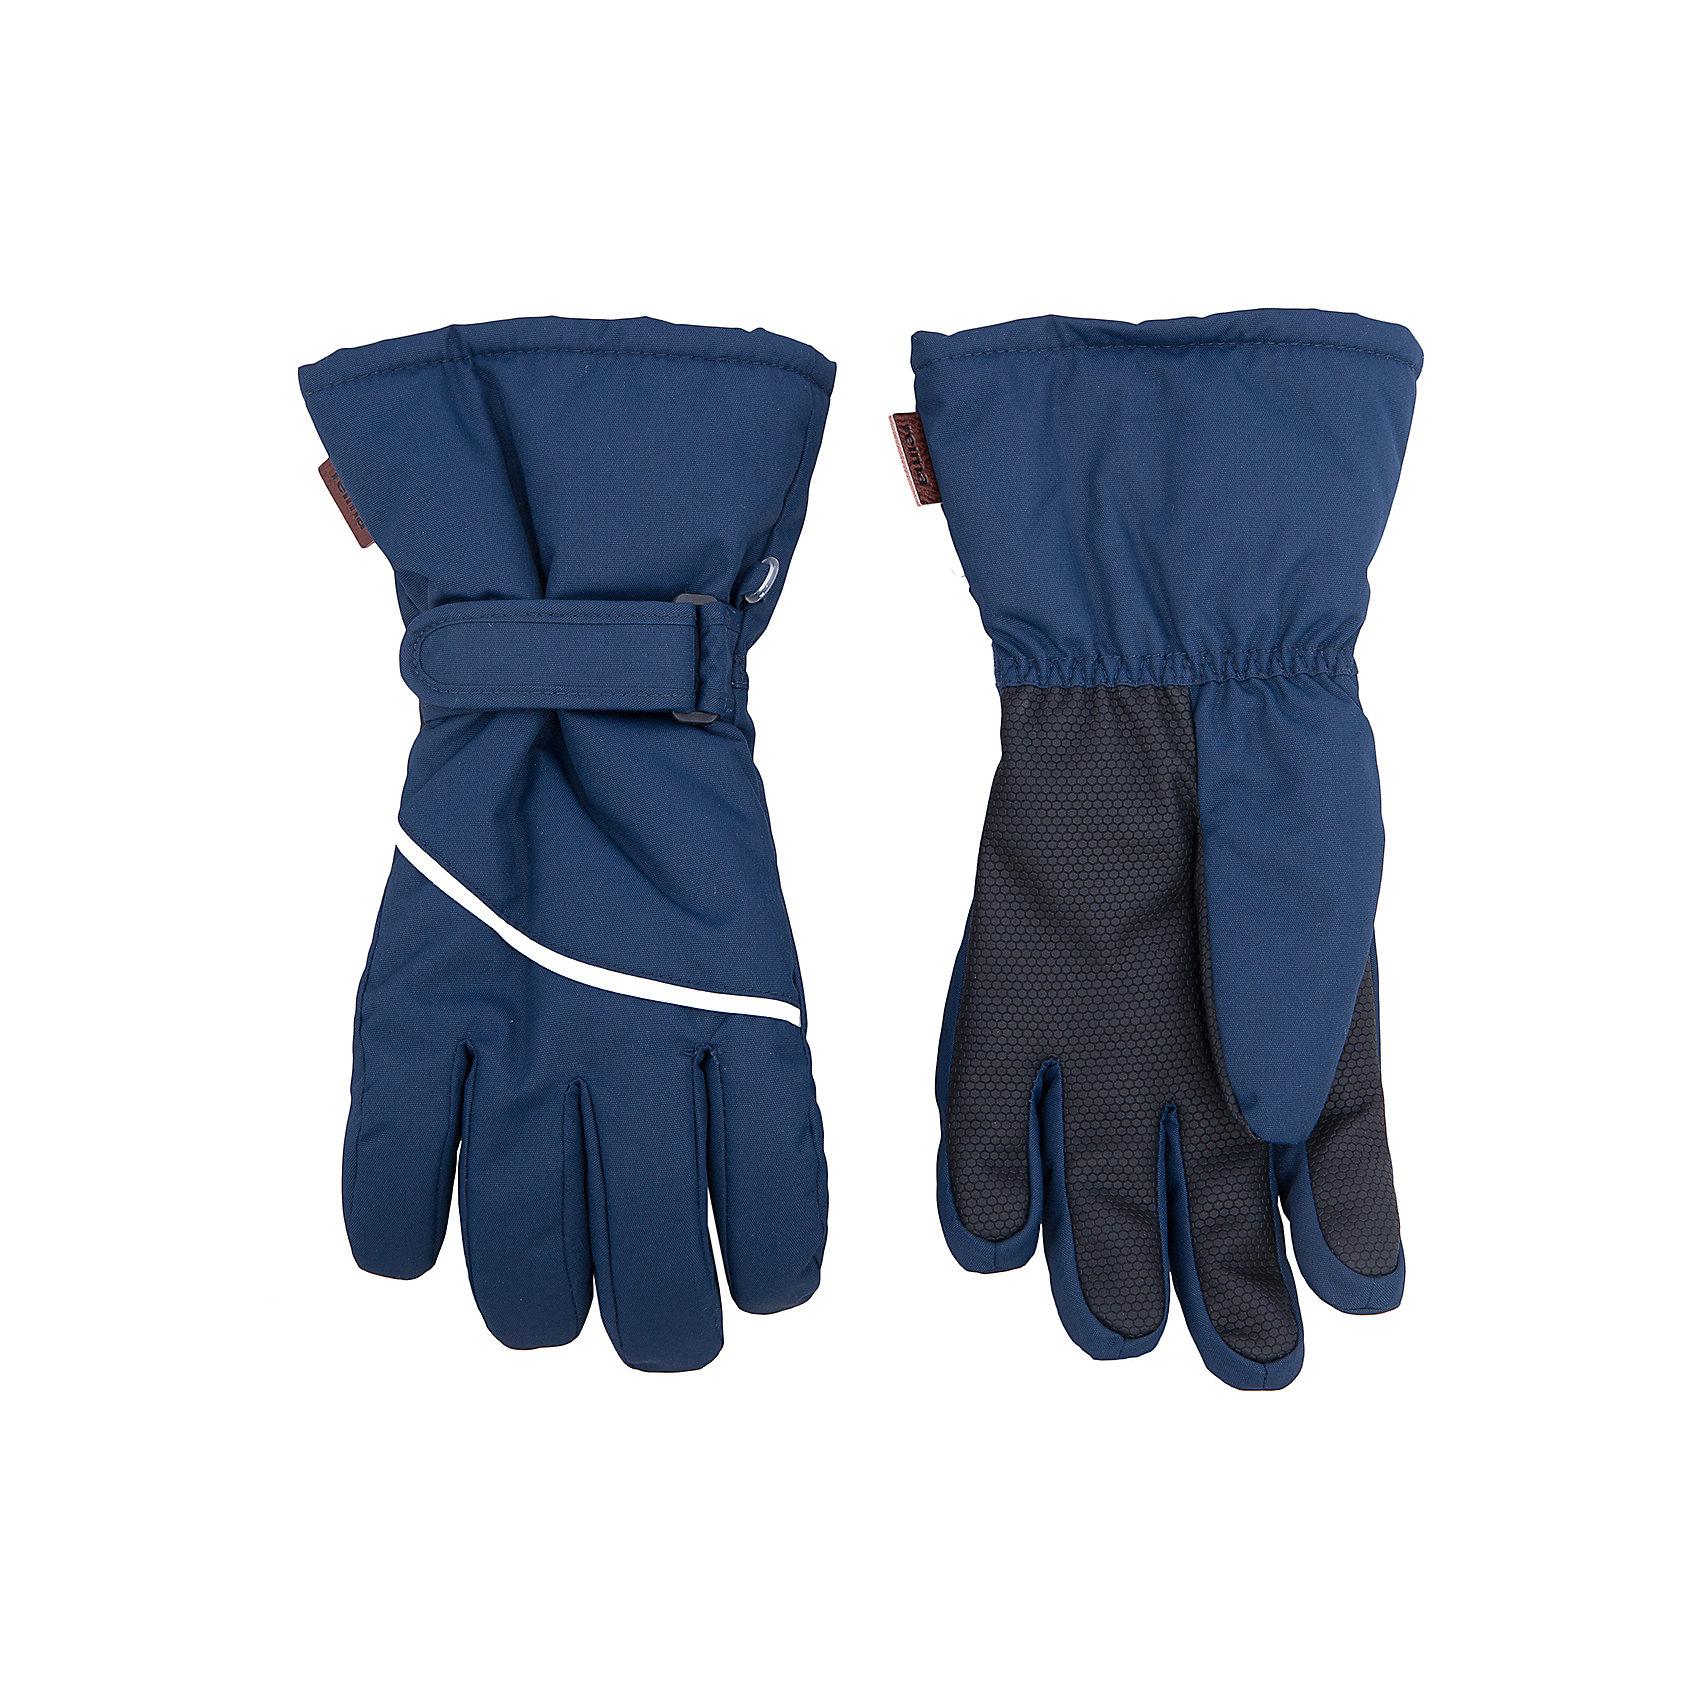 Перчатки Harald для мальчика ReimaПерчатки  Reima<br>Зимние перчатки для детей. Водонепроницаемый материал, вставки отсутствуют — товар не является водонепроницаемым. Водо- и ветронепроницаемый и грязеотталкивающий материал. Накладки на ладонях, кончиках пальцев и больших пальцах. Теплая ворсистая подкладка из ткани из смеси шерсти. Средняя степень утепления. Простая застежка на липучке. Логотип Reima® сбоку. Светоотражающие полосы.<br>Утеплитель: Reima® Comfortinsulation,80 g<br>Уход:<br>Стирать по отдельности. Стирать моющим средством, не содержащим отбеливающие вещества. Полоскать без специального средства. Сушить при низкой температуре. <br>Состав:<br>100% Полиамид, полиуретановое покрытие<br><br>Ширина мм: 162<br>Глубина мм: 171<br>Высота мм: 55<br>Вес г: 119<br>Цвет: синий<br>Возраст от месяцев: 72<br>Возраст до месяцев: 96<br>Пол: Мужской<br>Возраст: Детский<br>Размер: 5,6,8,7,3,4<br>SKU: 4779778